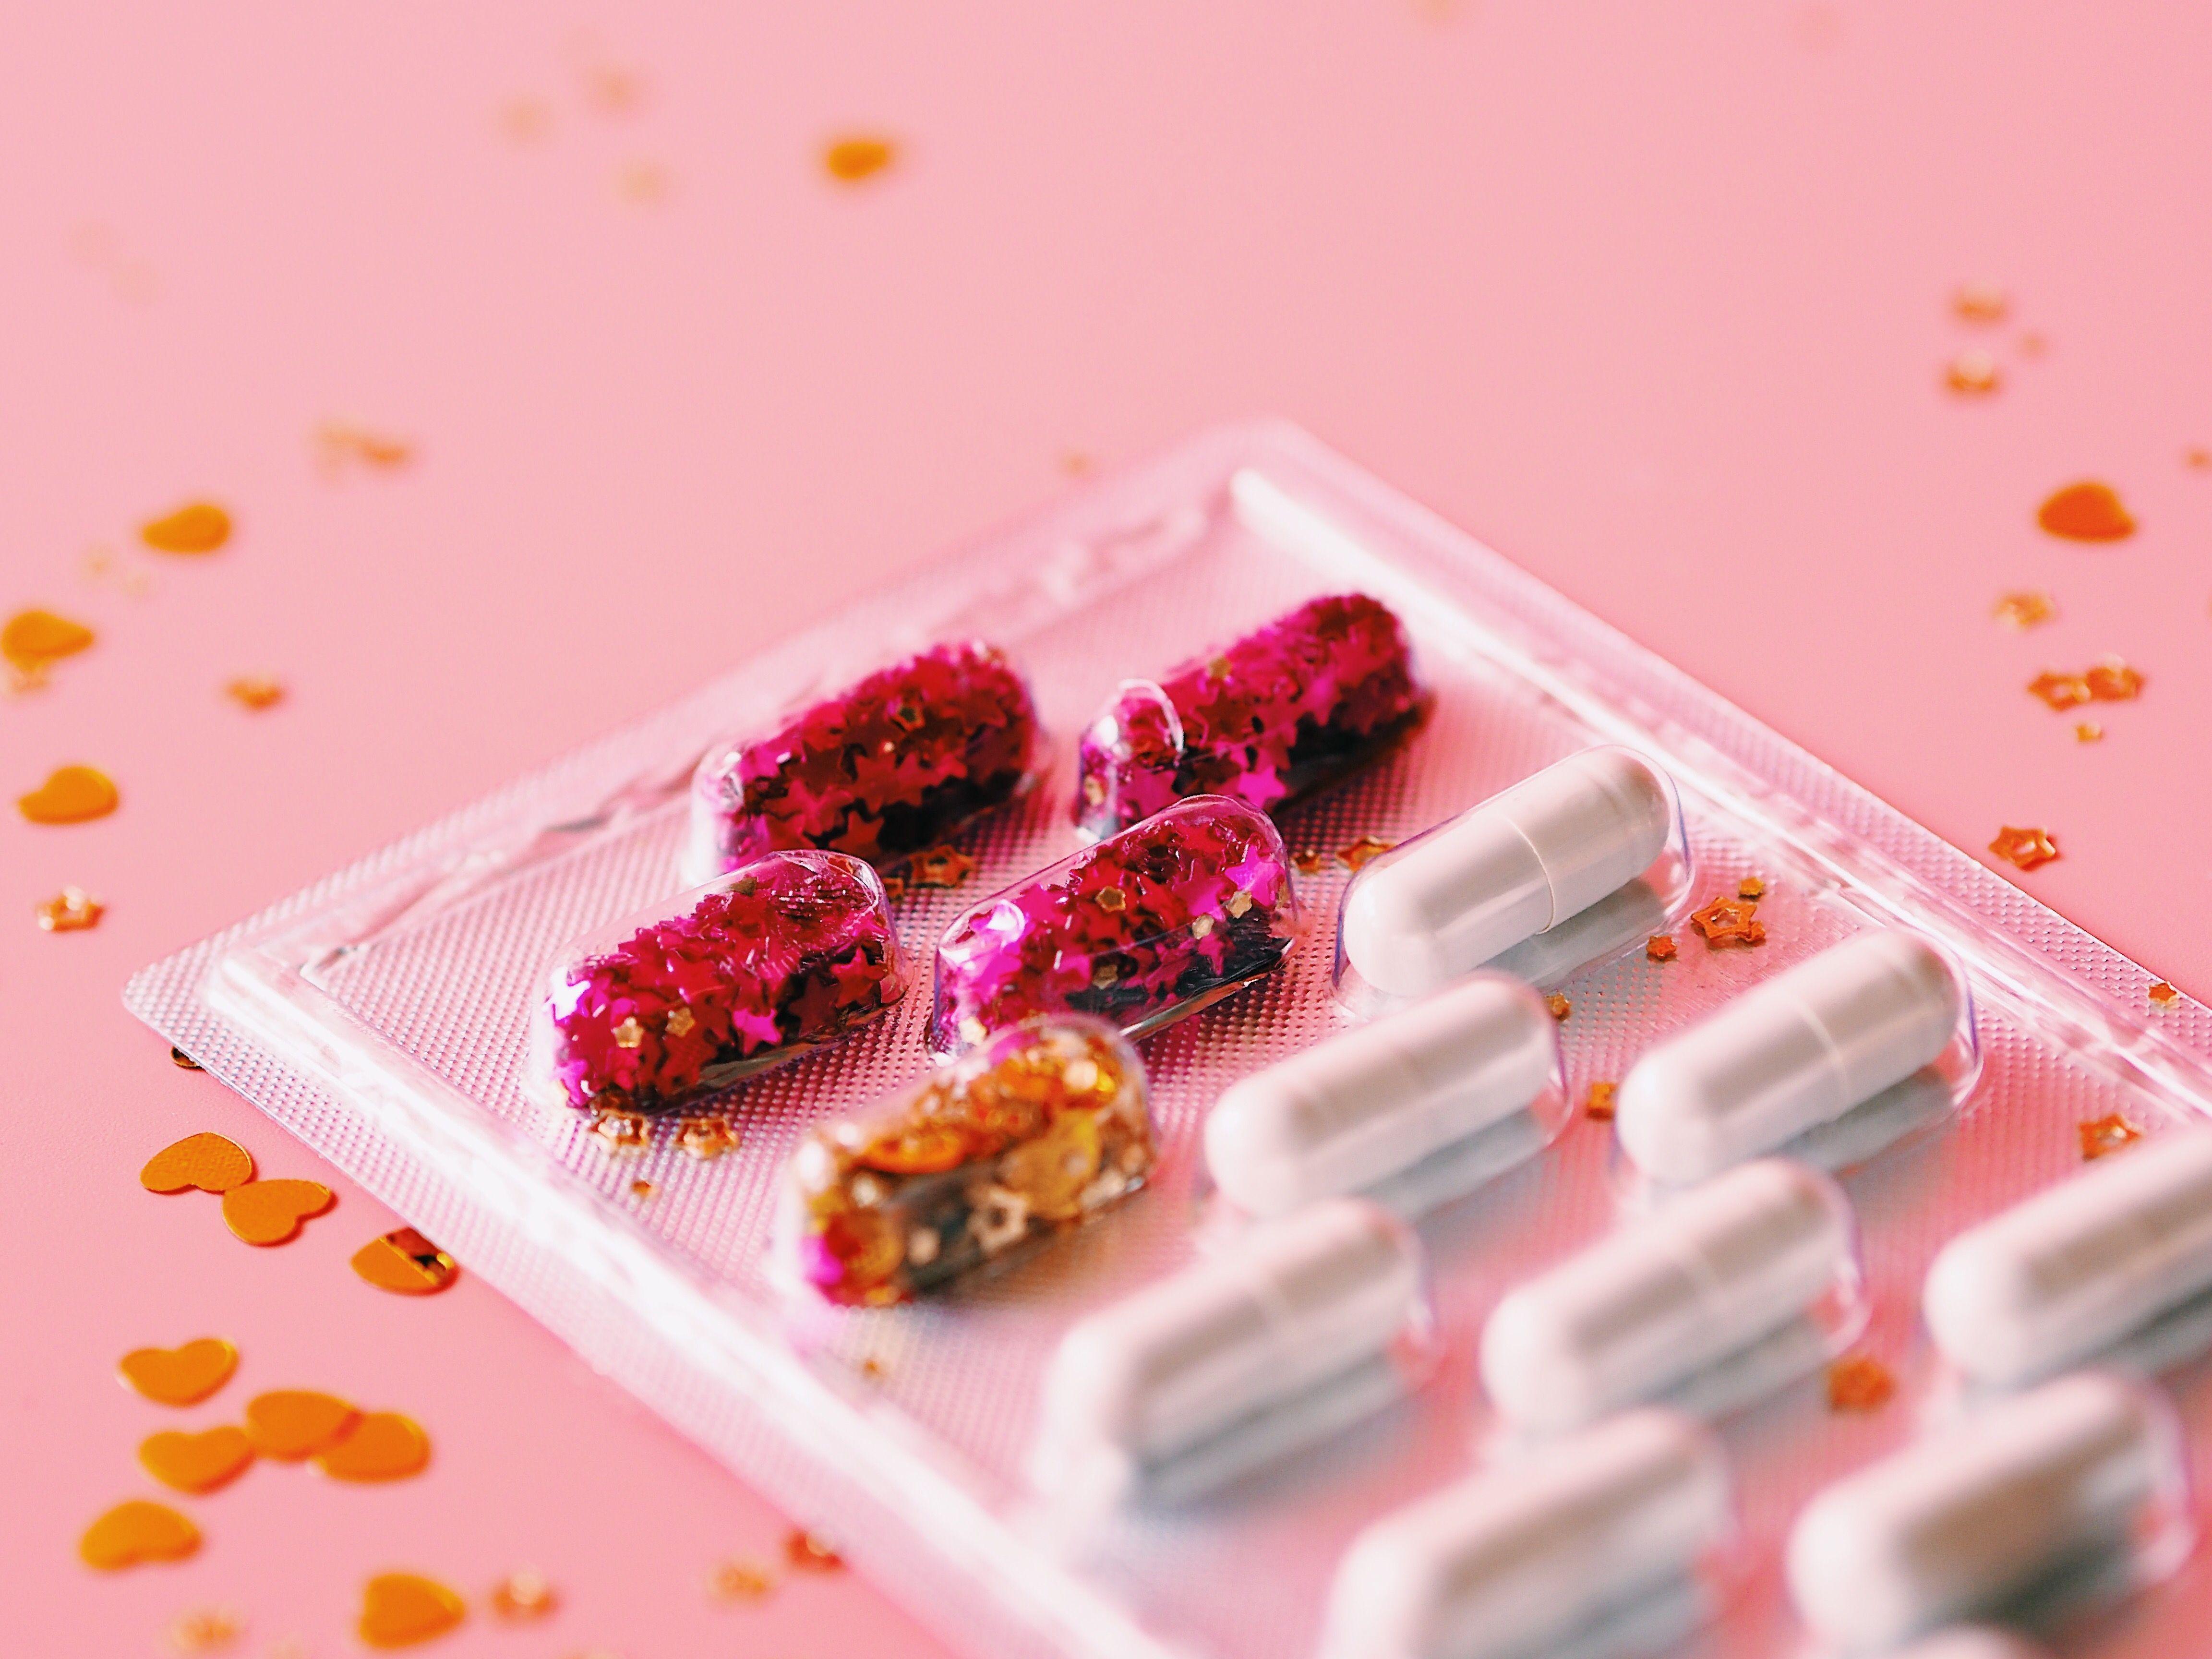 Por cuanto tiempo se deben tomar probioticos